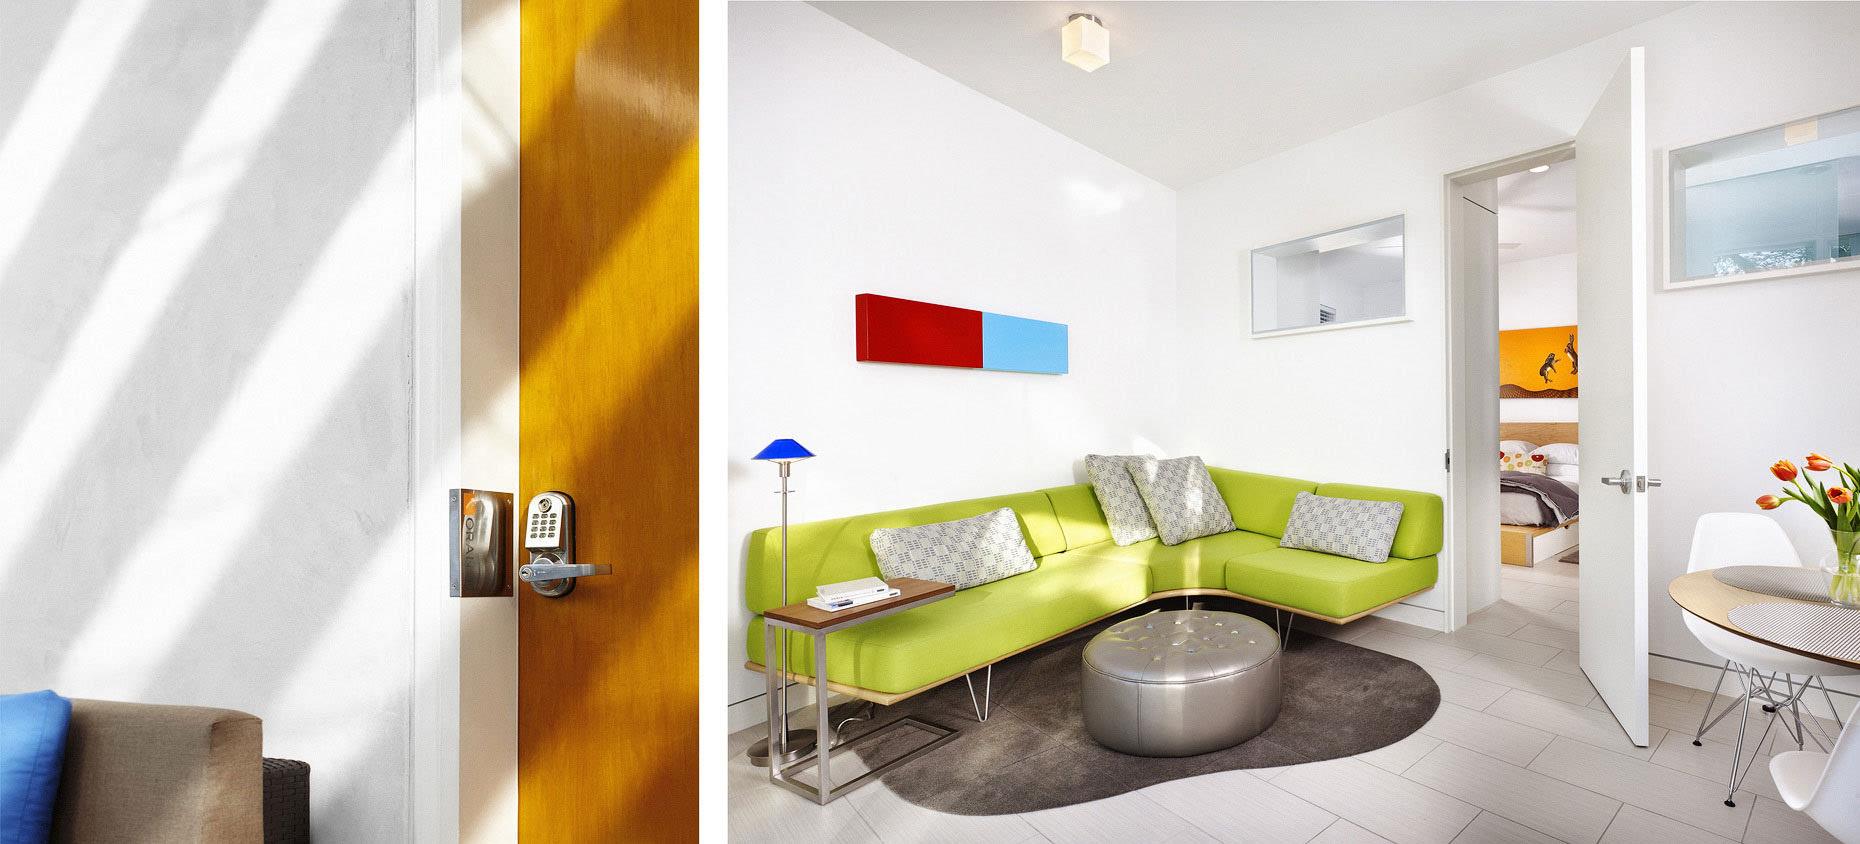 微型酒店室内设计图_如家一般的软装设计